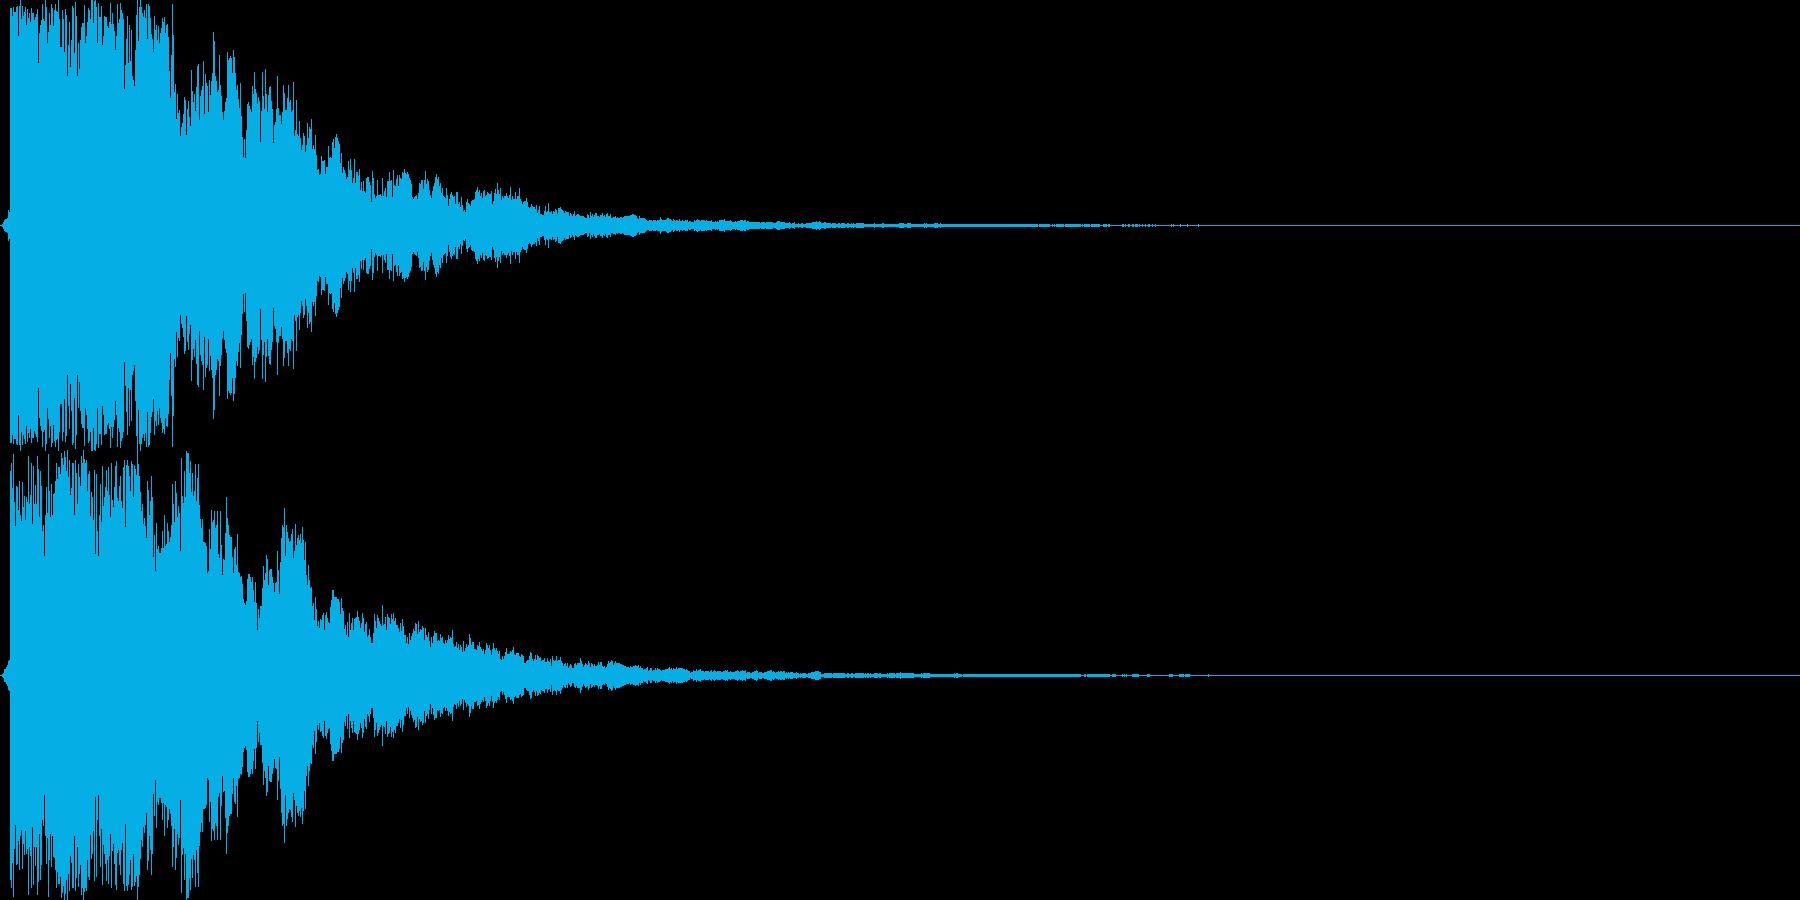 【ガキーン】必殺技や決めなどの音の再生済みの波形